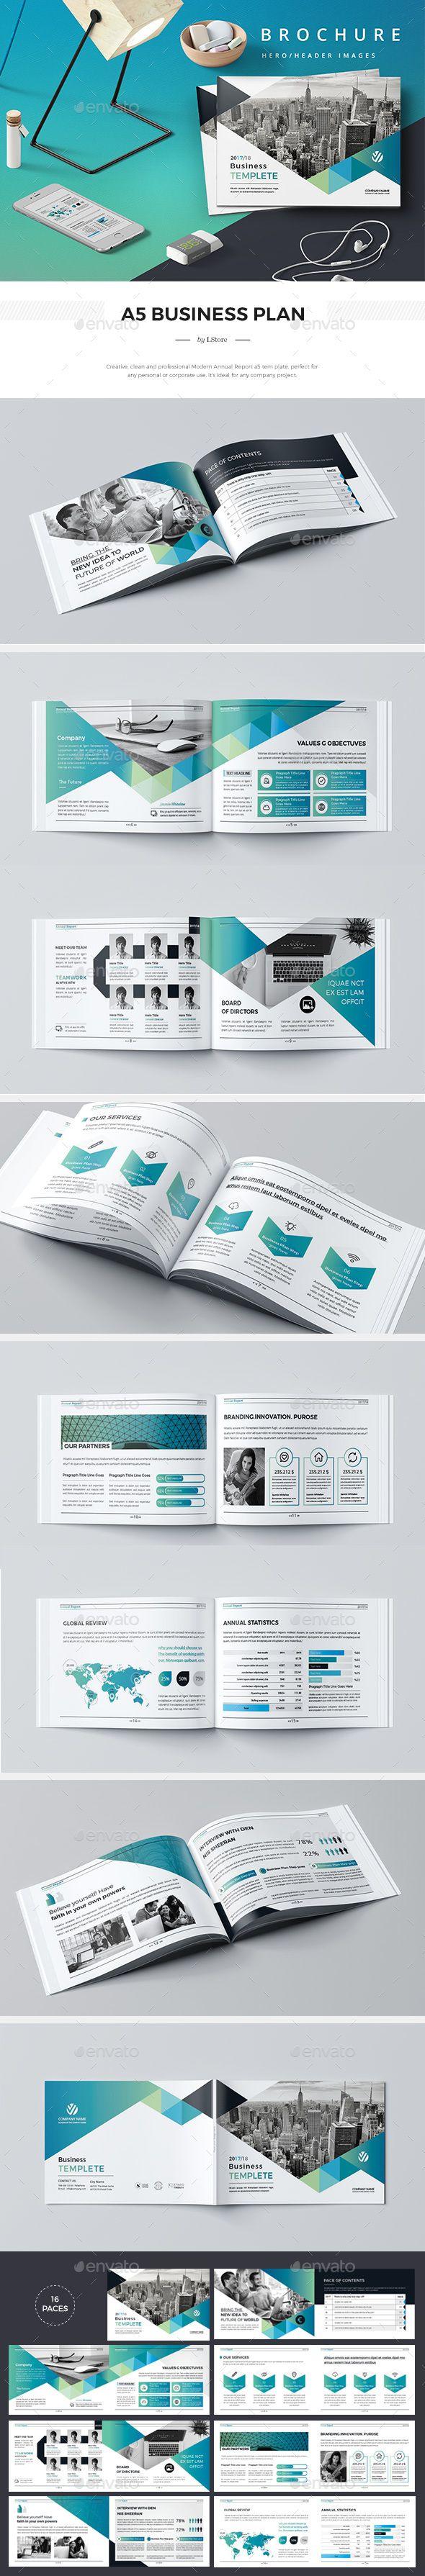 A Company Profile Company Profile Corporate Brochure And A - Company profile brochure template